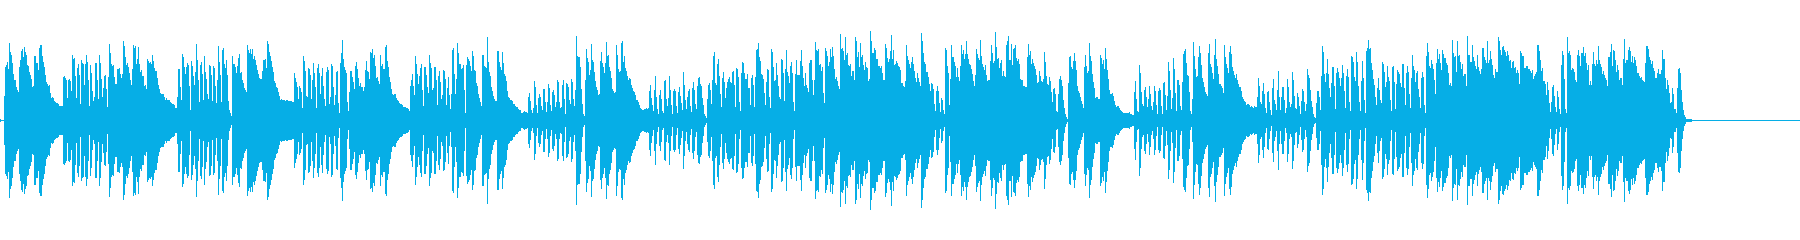 狩りの歌 シューマンピアノソロ生演奏の再生済みの波形